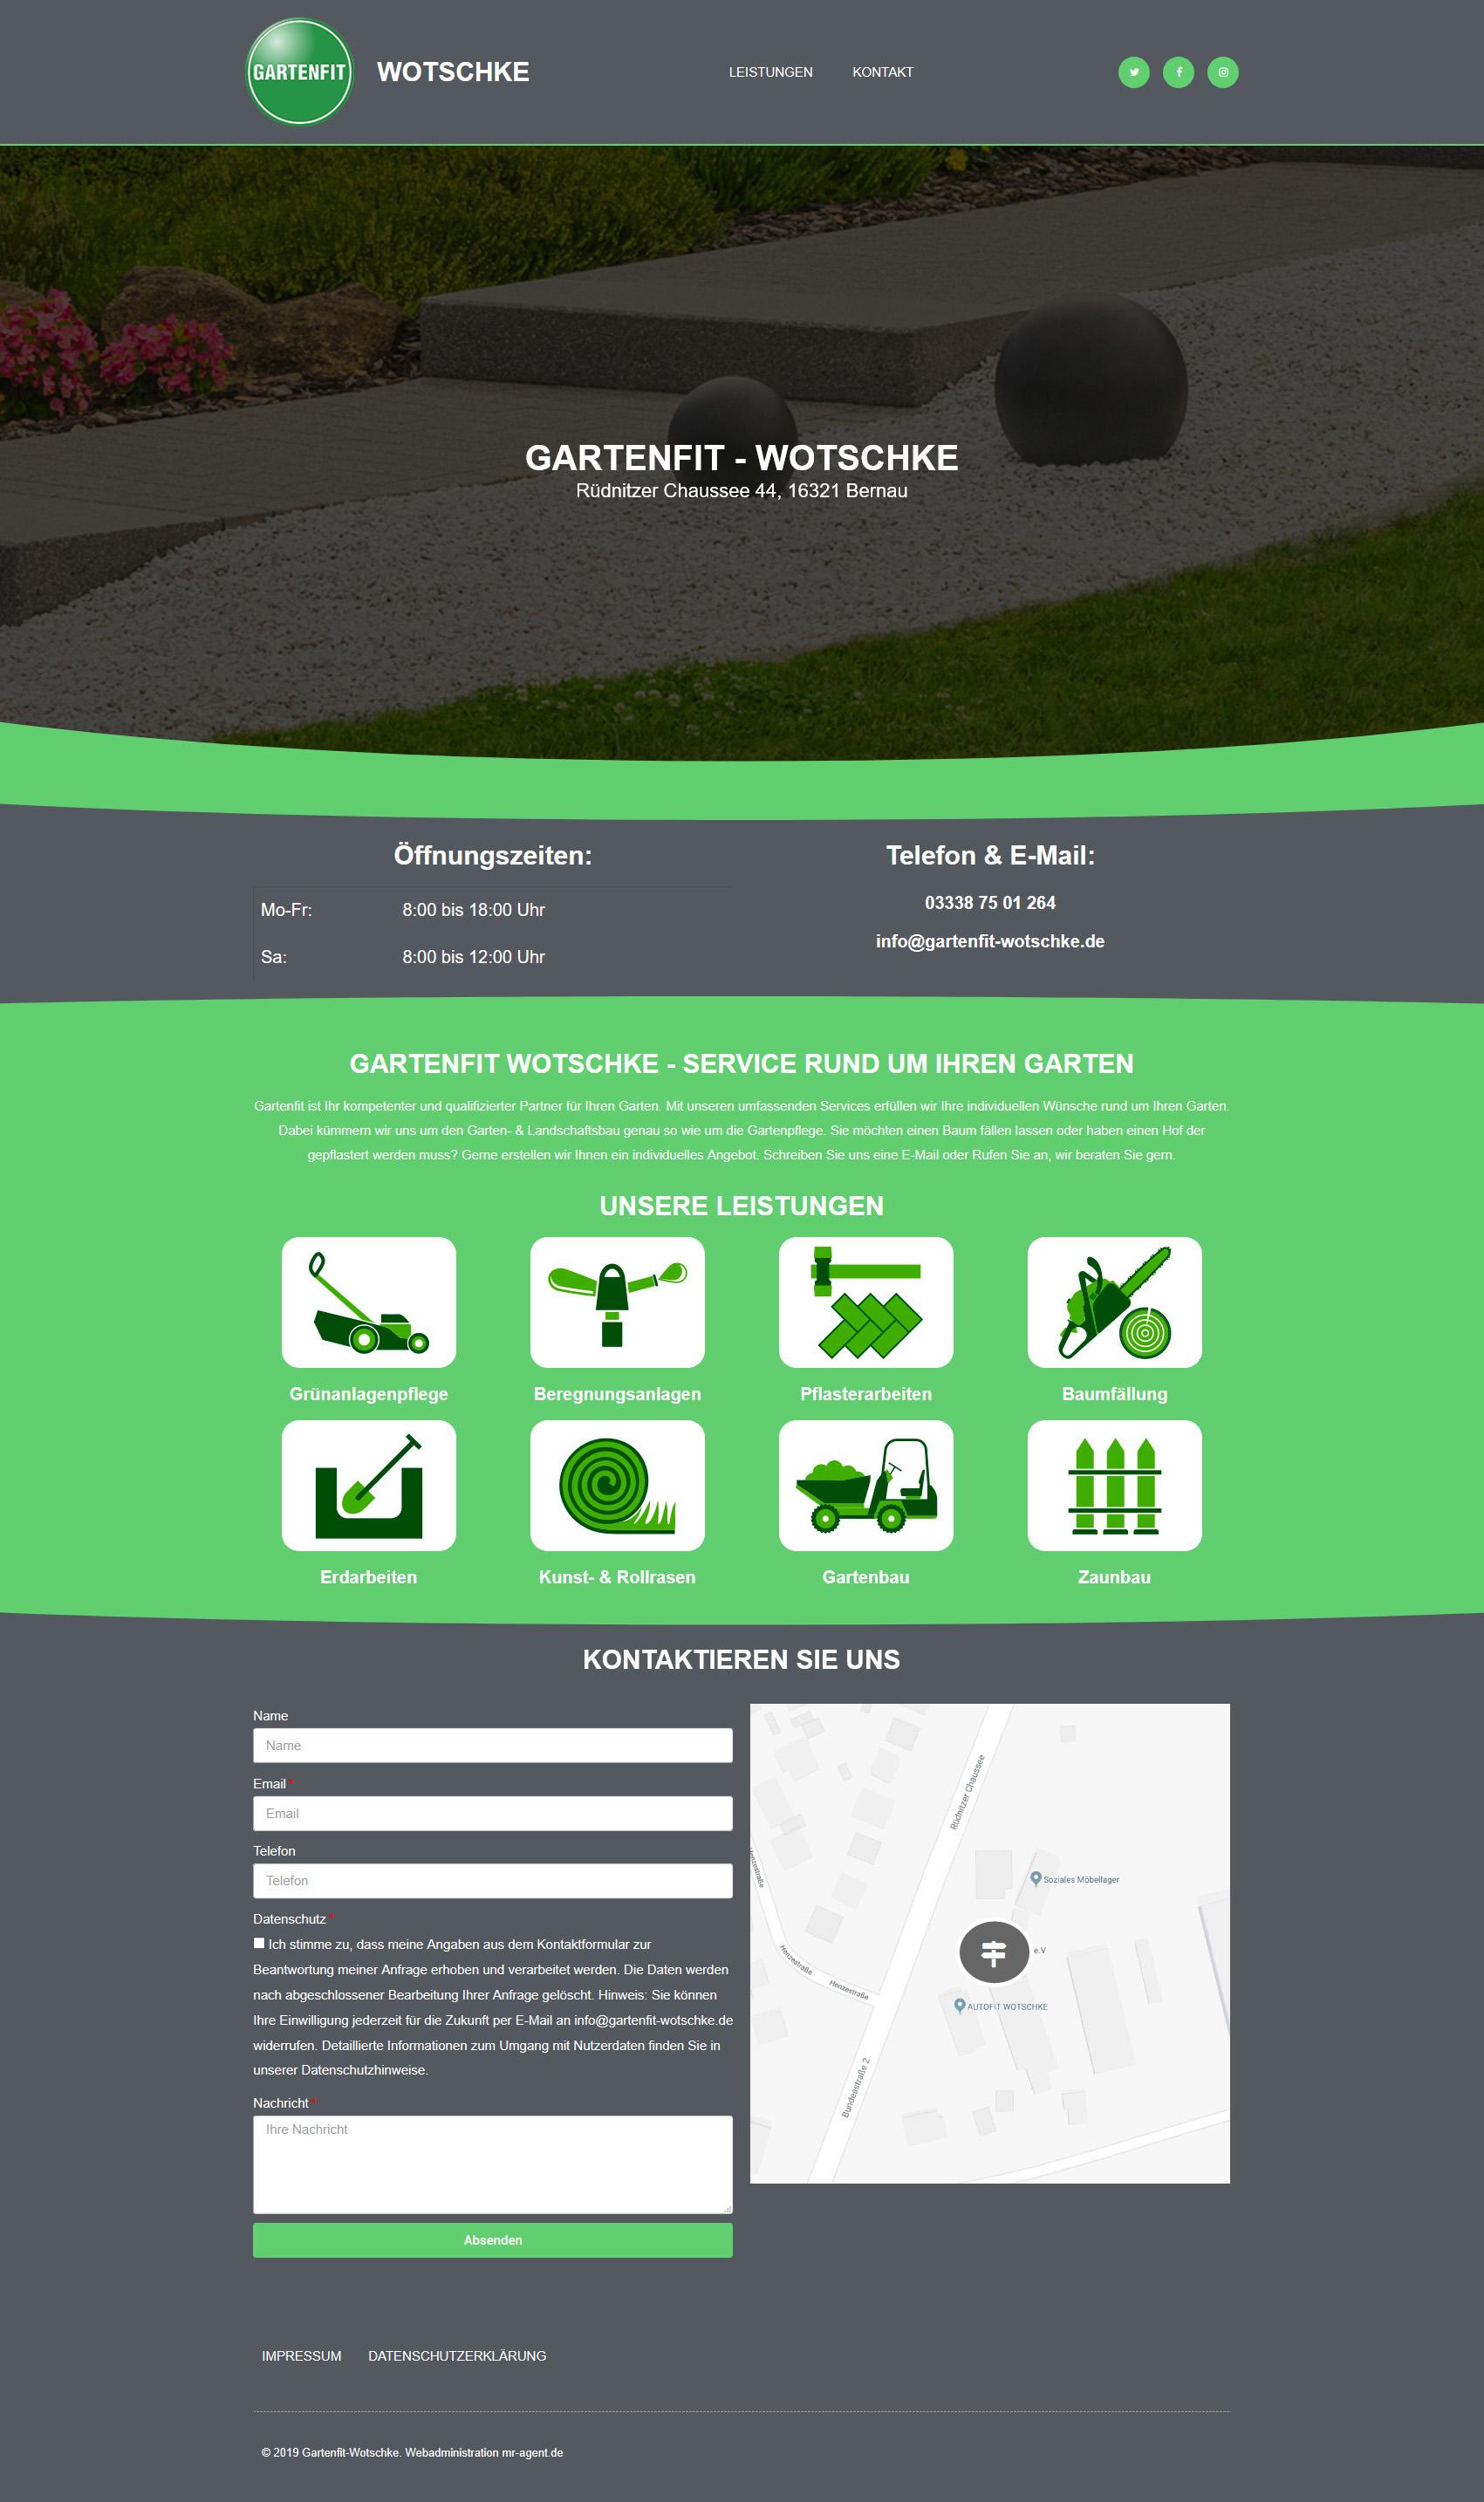 Webseiten Design - Gartenfit-Wotschke